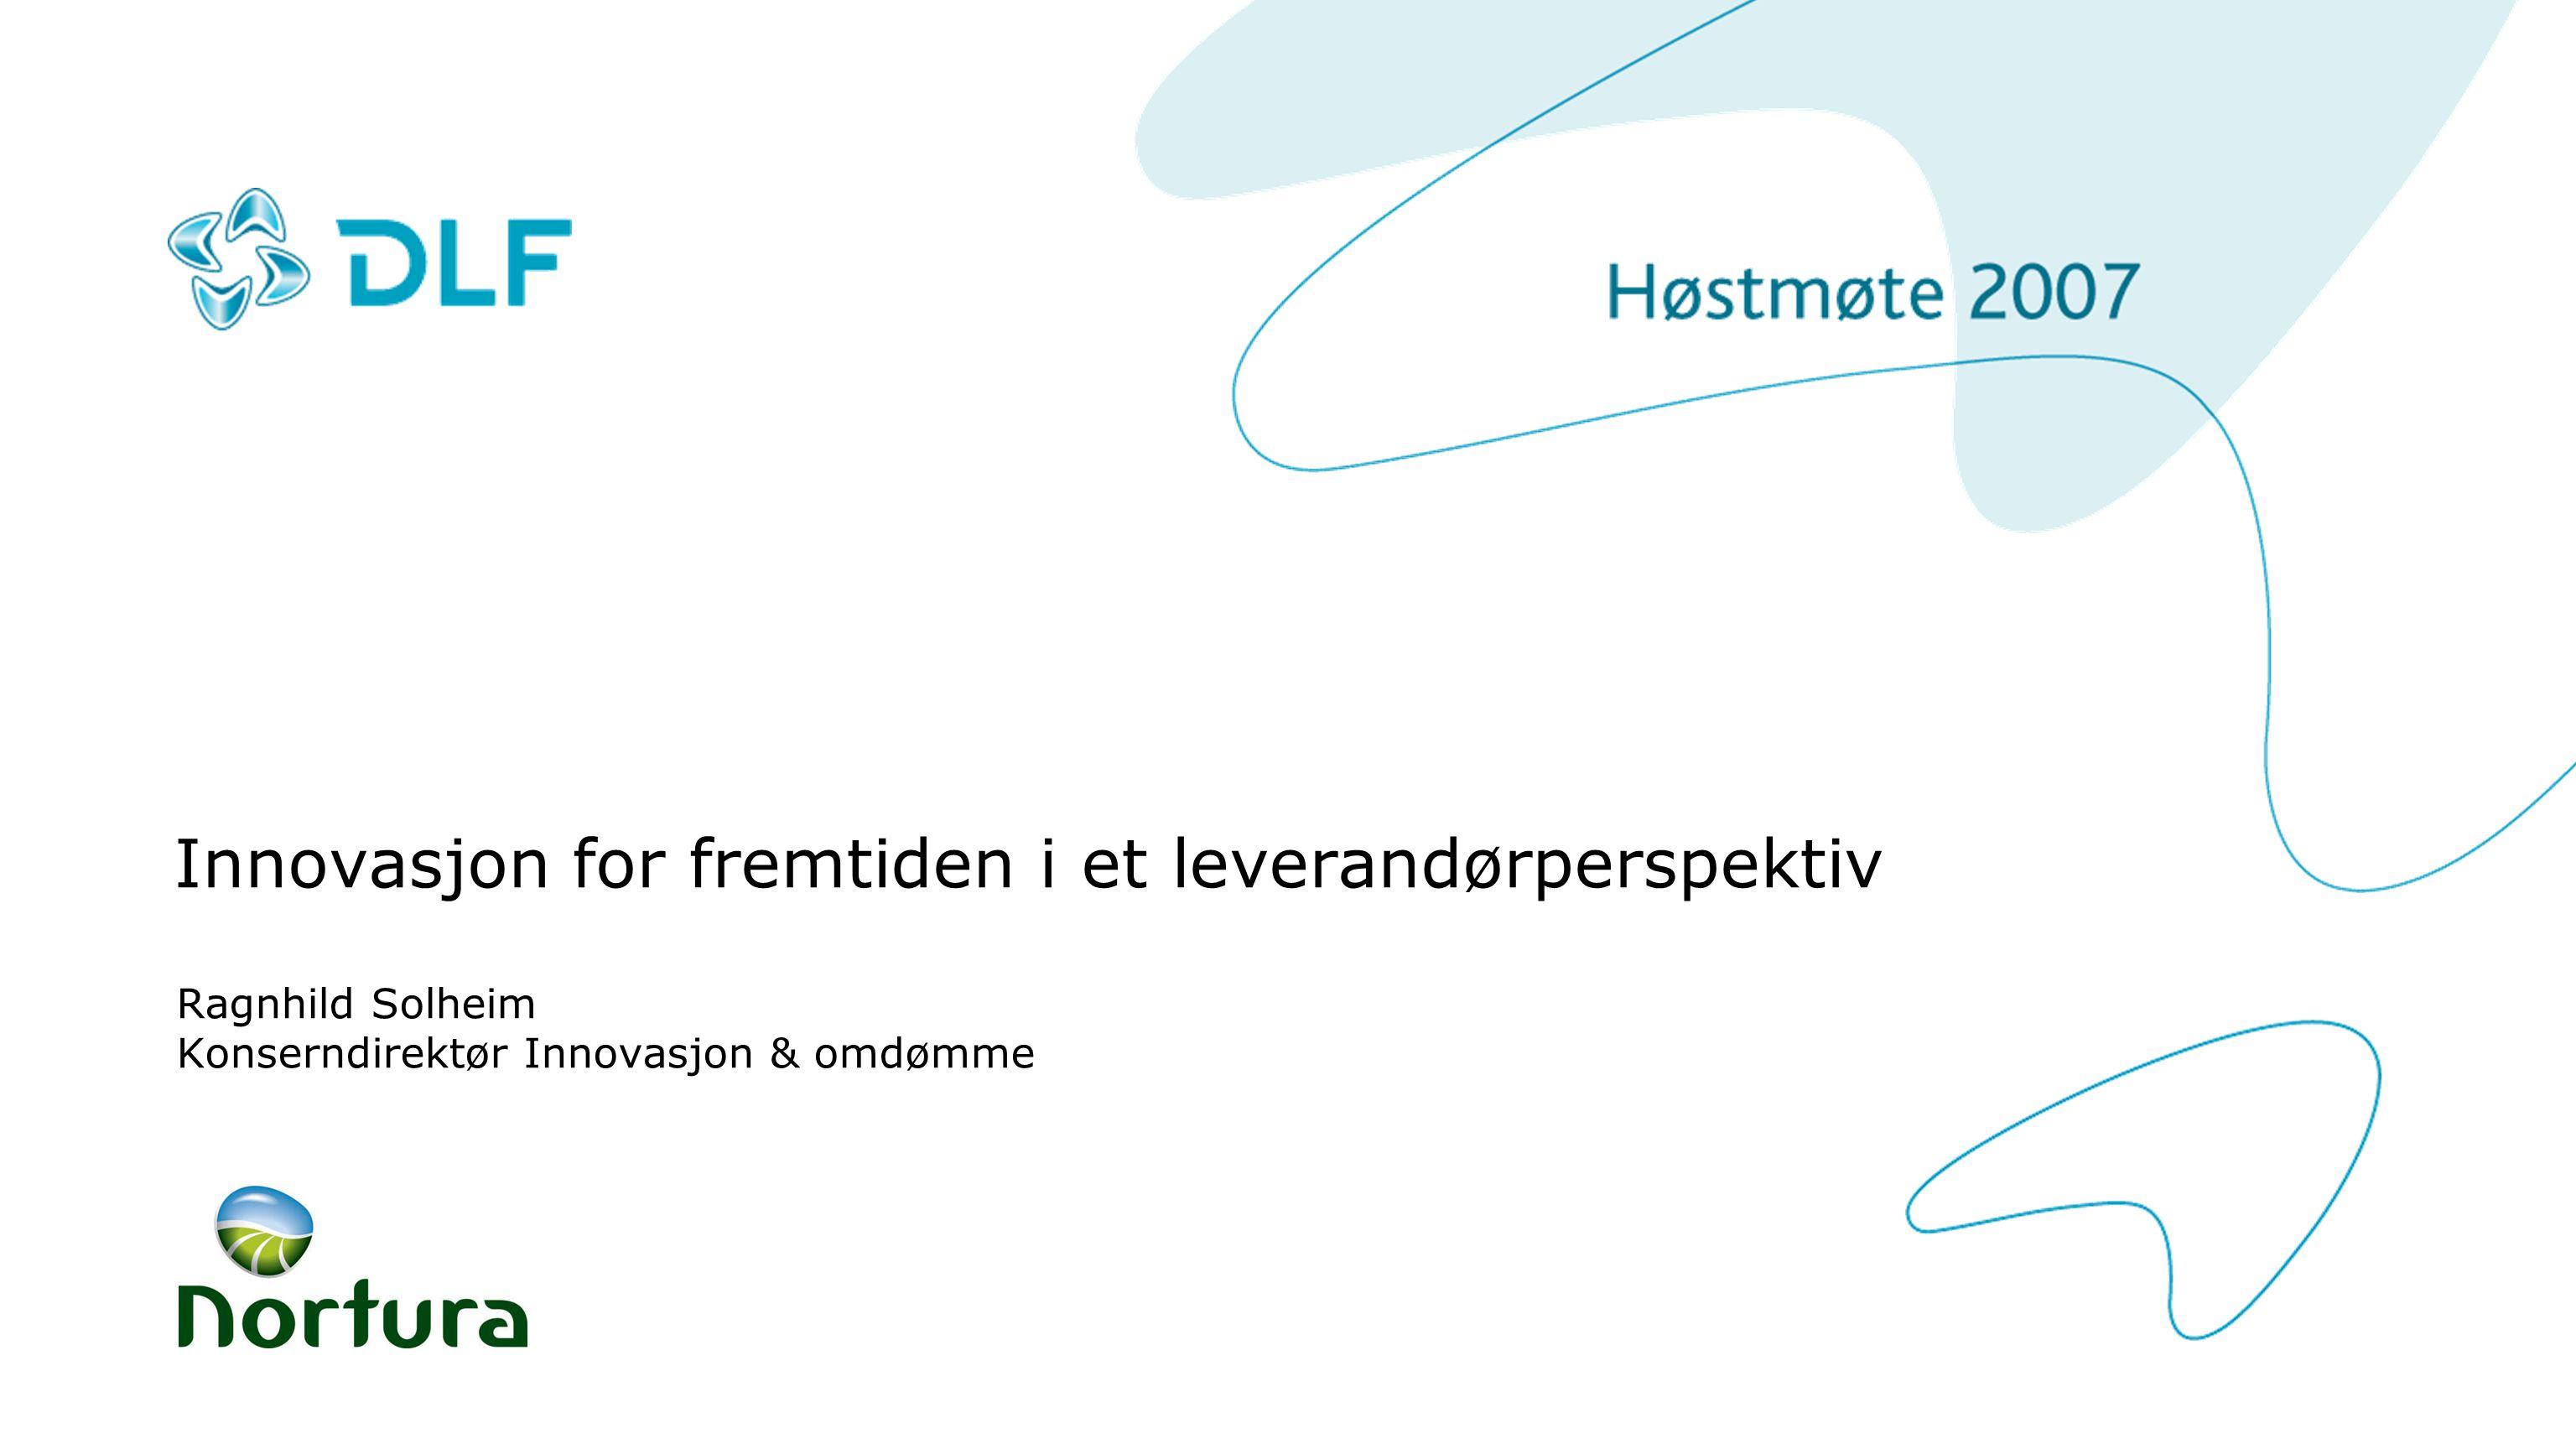 Innovasjon for fremtiden i et leverandørperspektiv Ragnhild Solheim Konserndirektør Innovasjon & omdømme